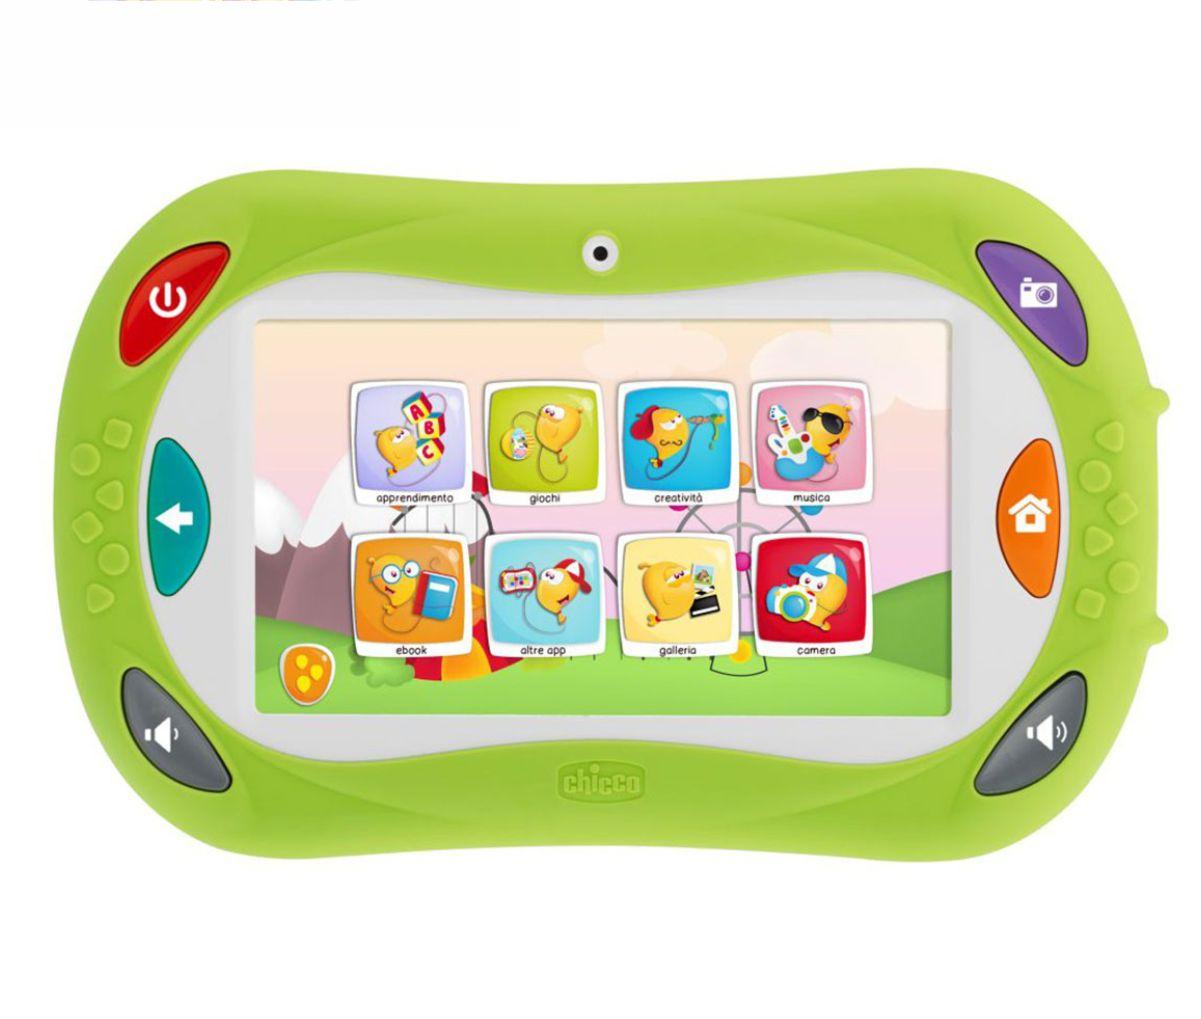 I migliori tablet per bimbi sotto 3 anni di et - Porta bimbo chicco ...